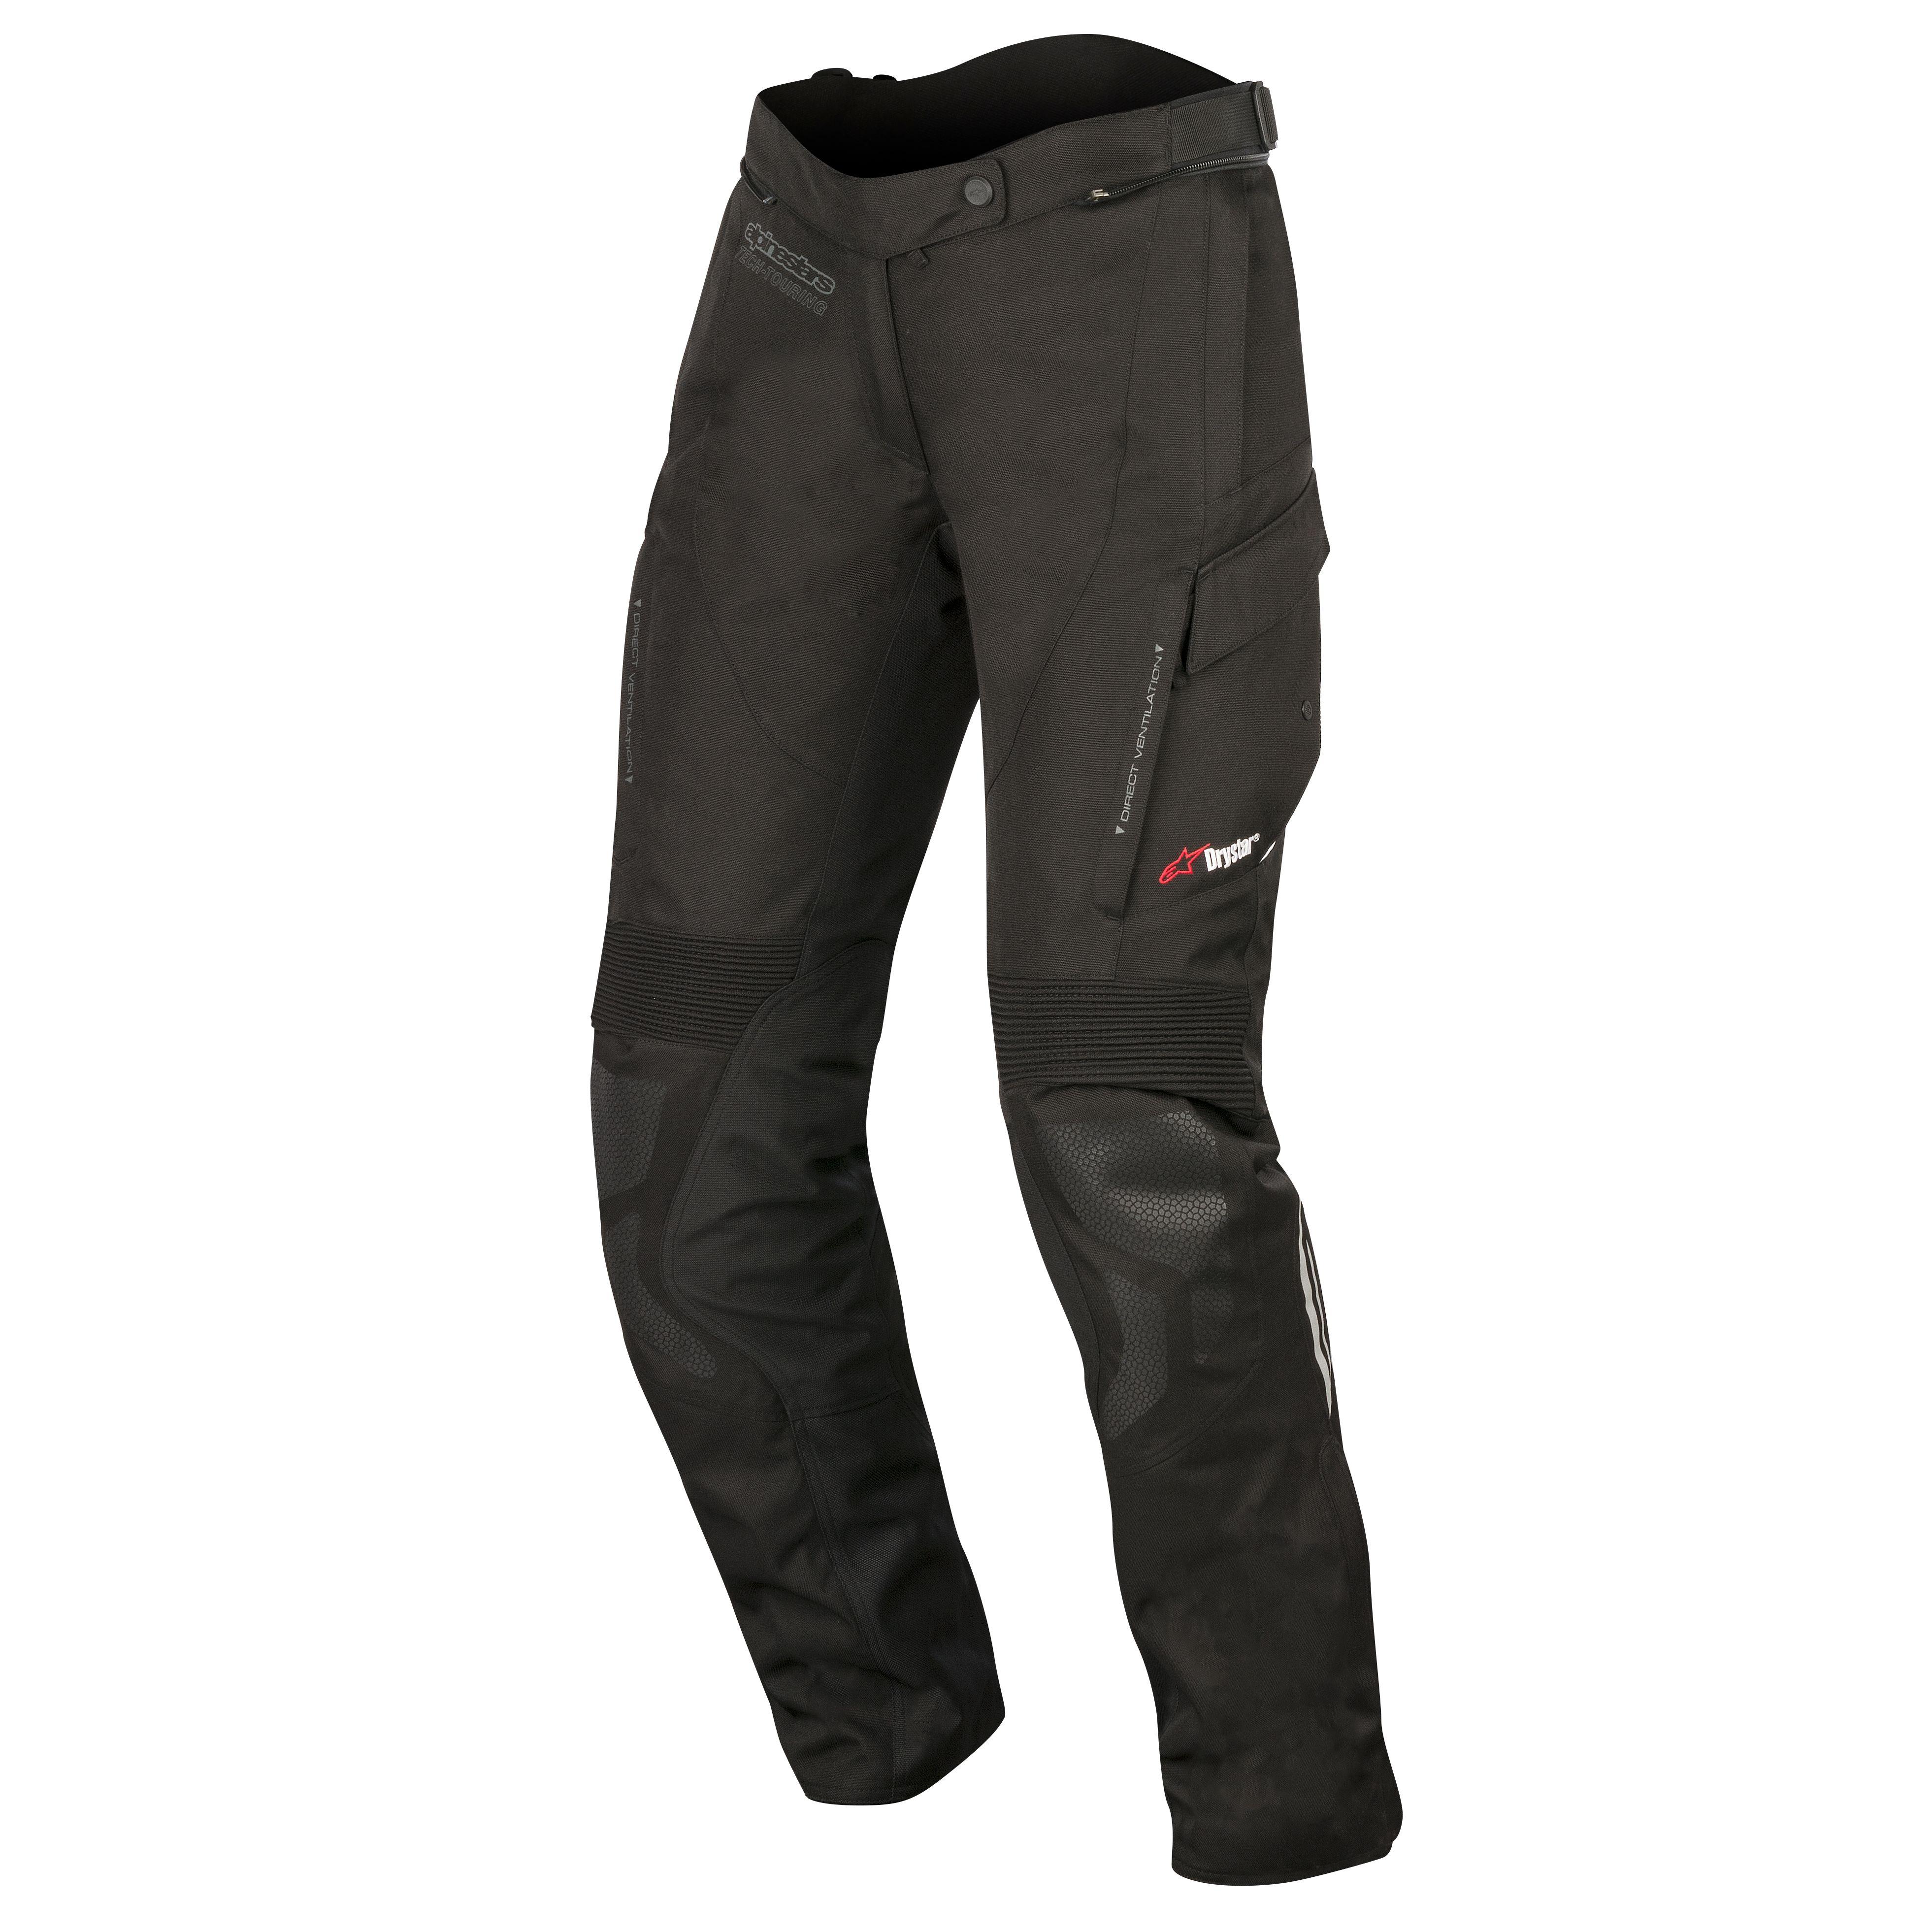 6490de970 Pantalon Alpinestars STELLA ANDES V2 DRYSTAR